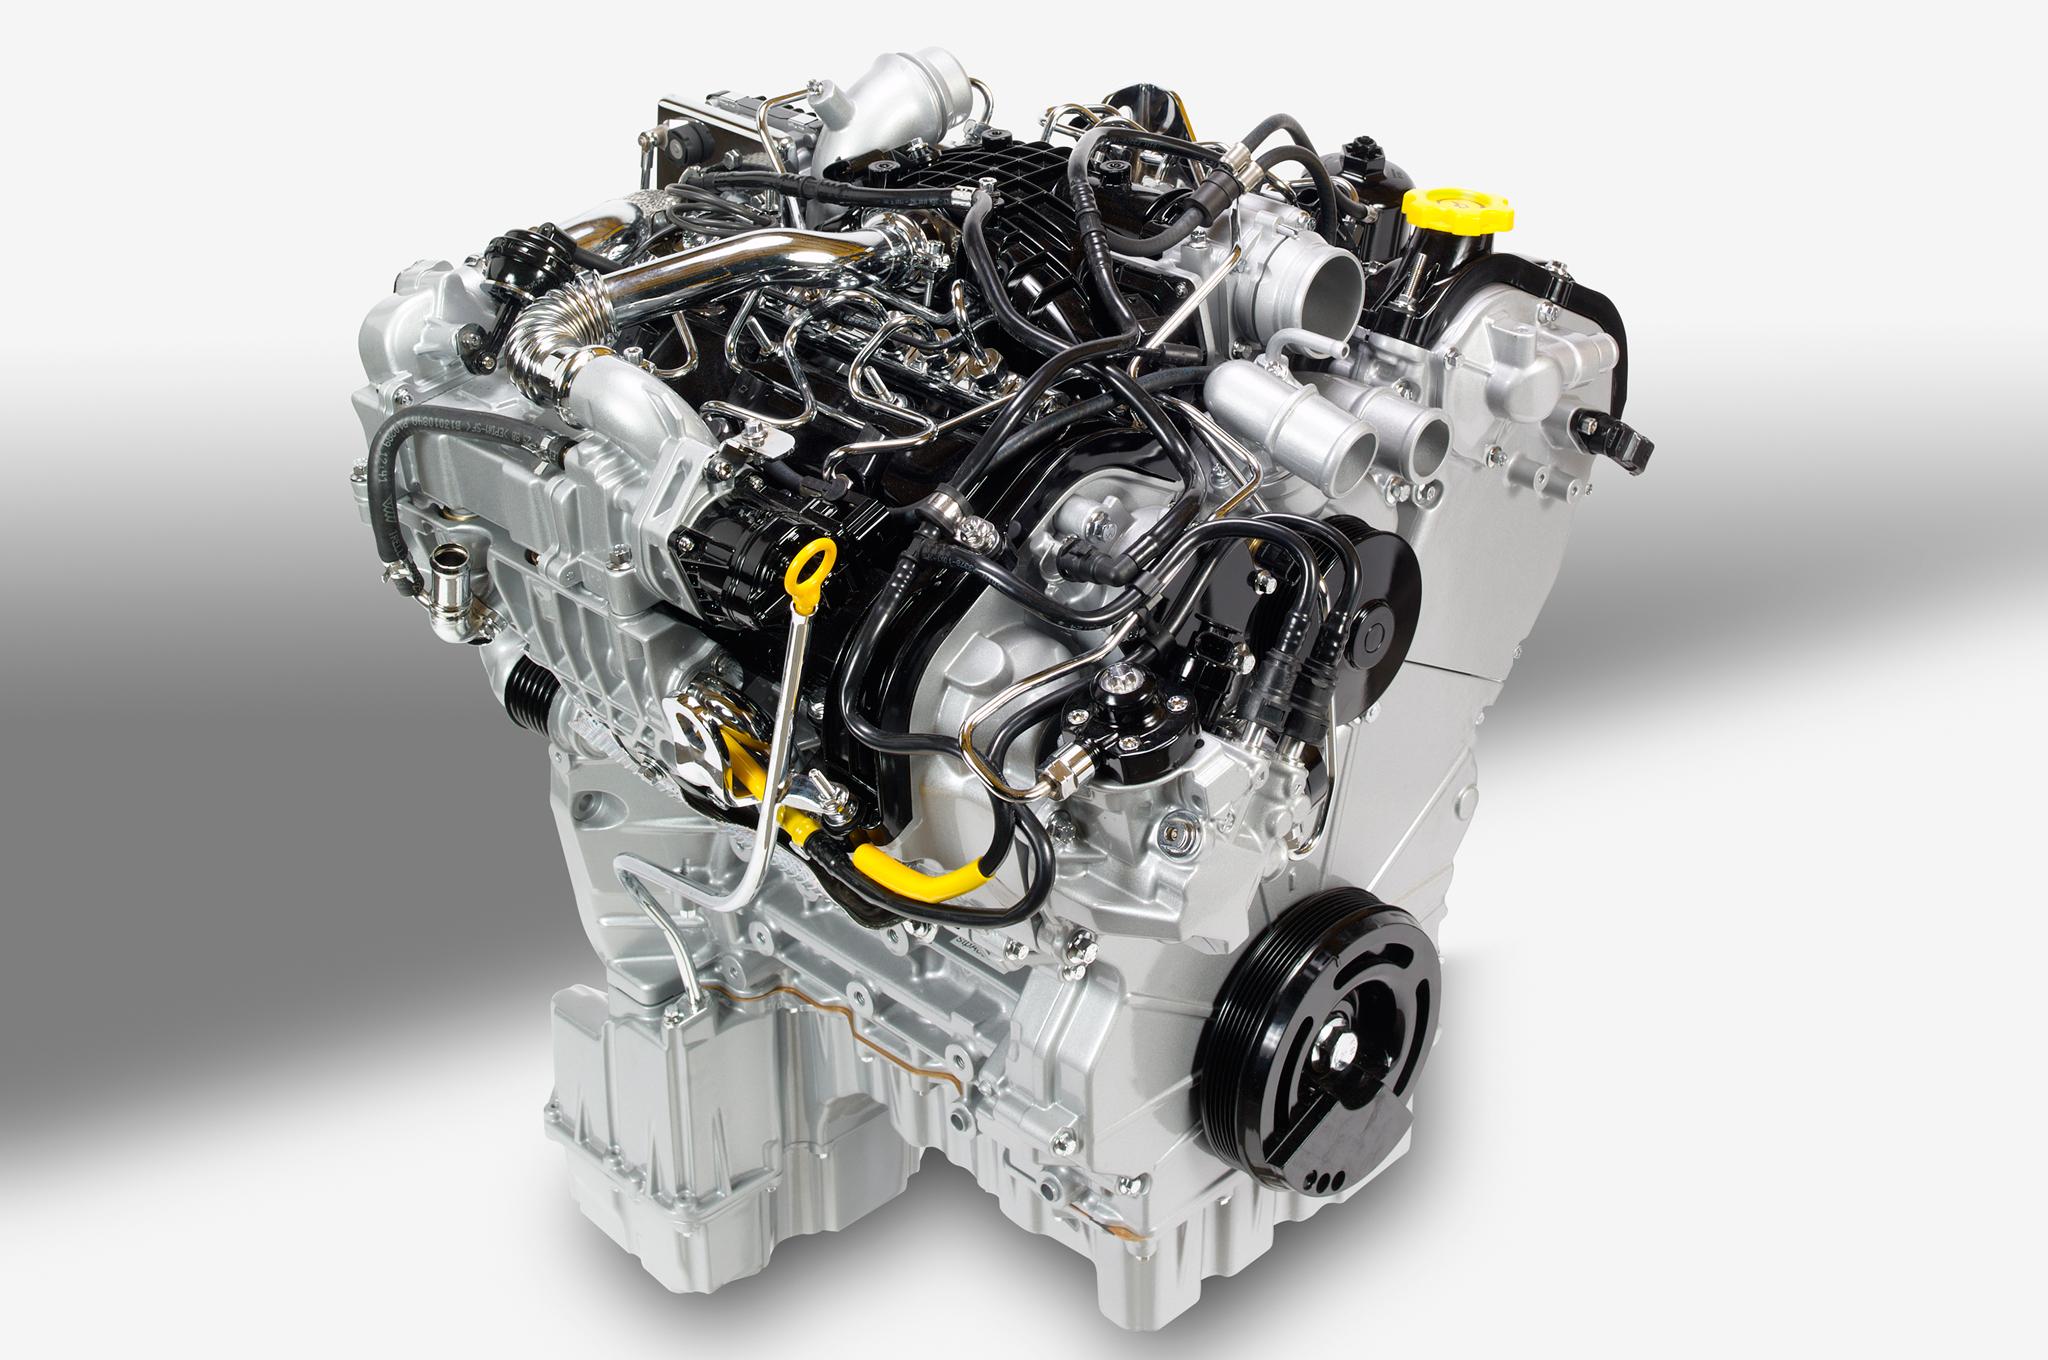 Best Diesel Engine Truck >> Nine Best Diesel Engines For Pickup Trucks The Power Of Nine Photo